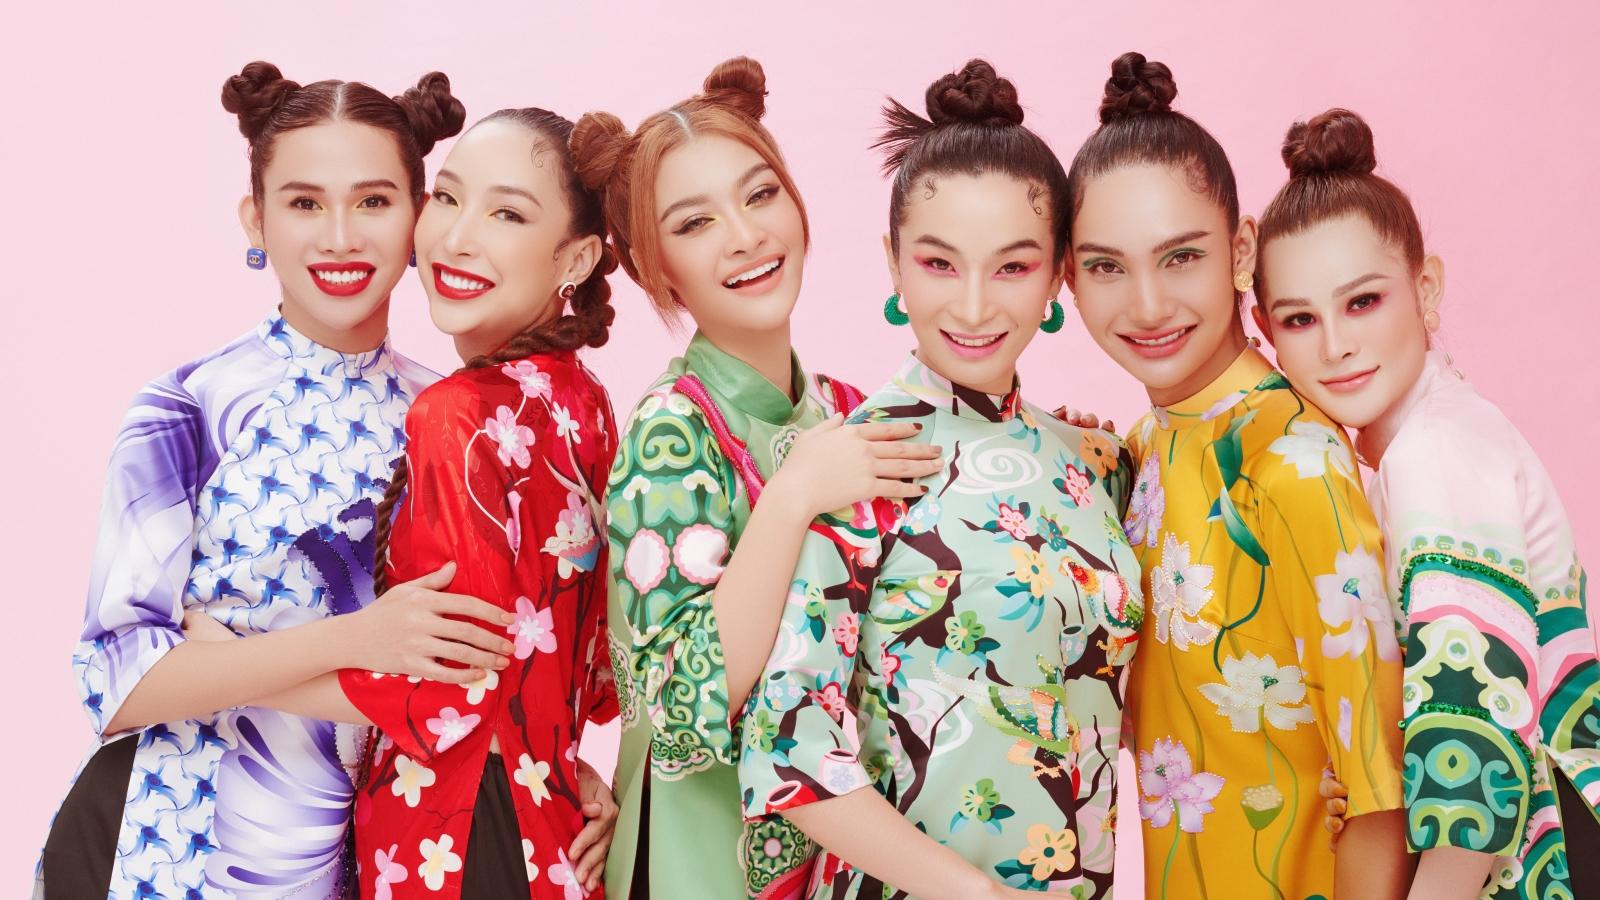 Á hậu Kiều Loan cùng 5 mỹ nhân chuyển giới tung bộ ảnh đẹp sắc sảo